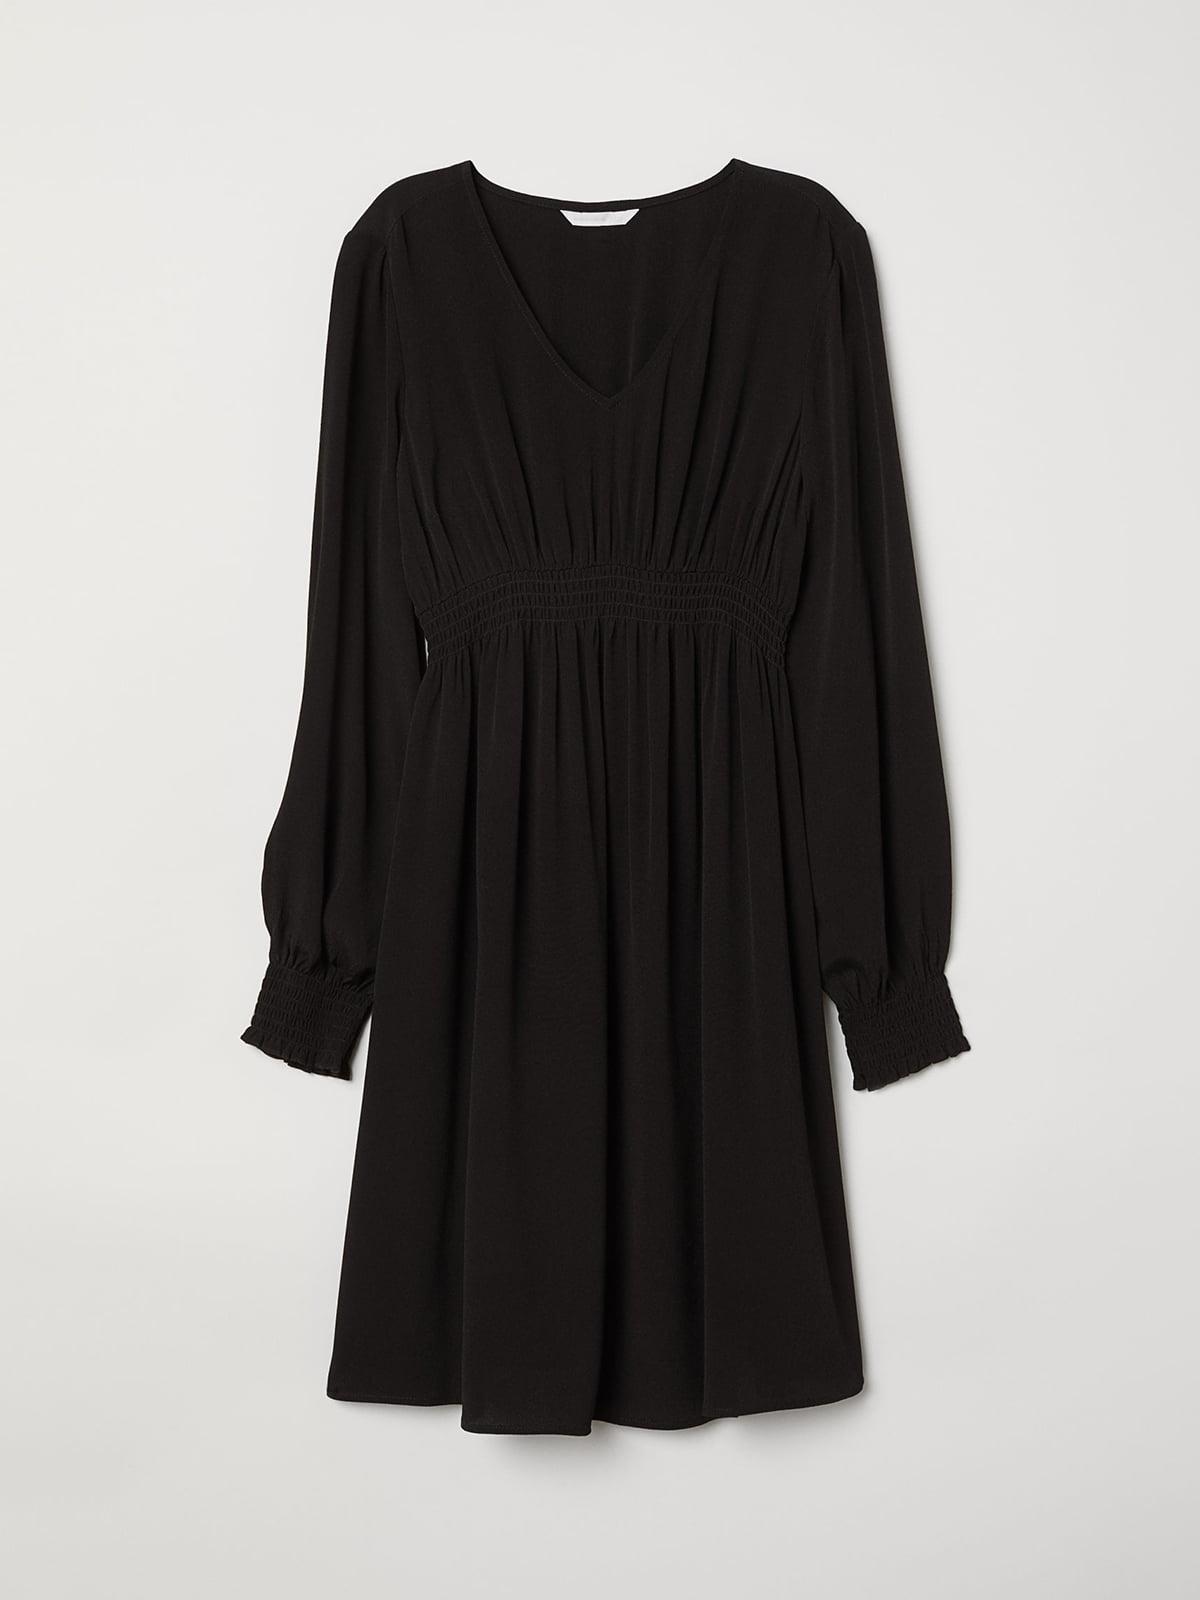 Платье черное | 5046341